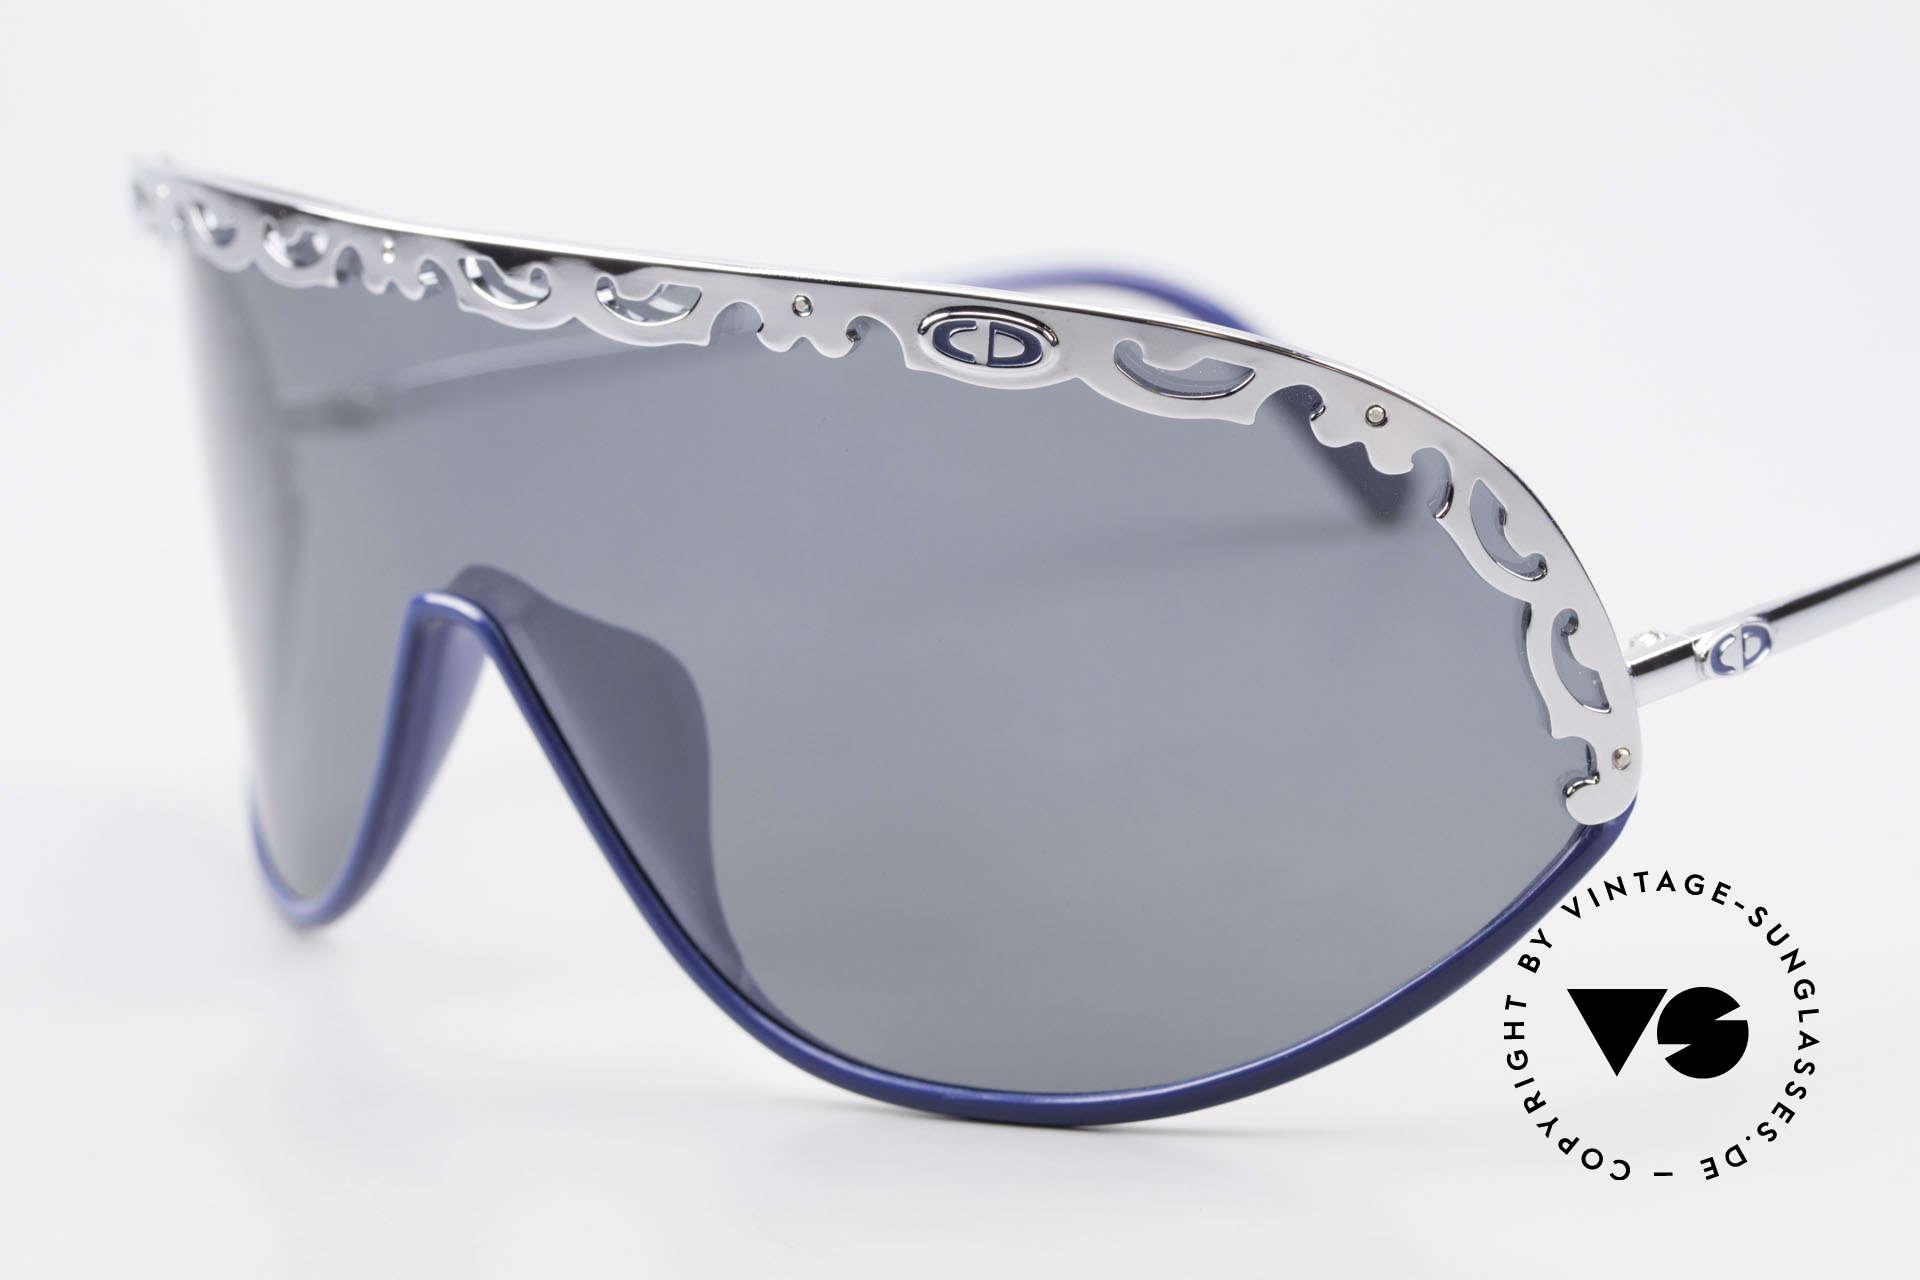 Christian Dior 2501 Panorama View Designerbrille, ungetragen (wie alle unsere 80er / 90er C. Dior Brillen), Passend für Damen